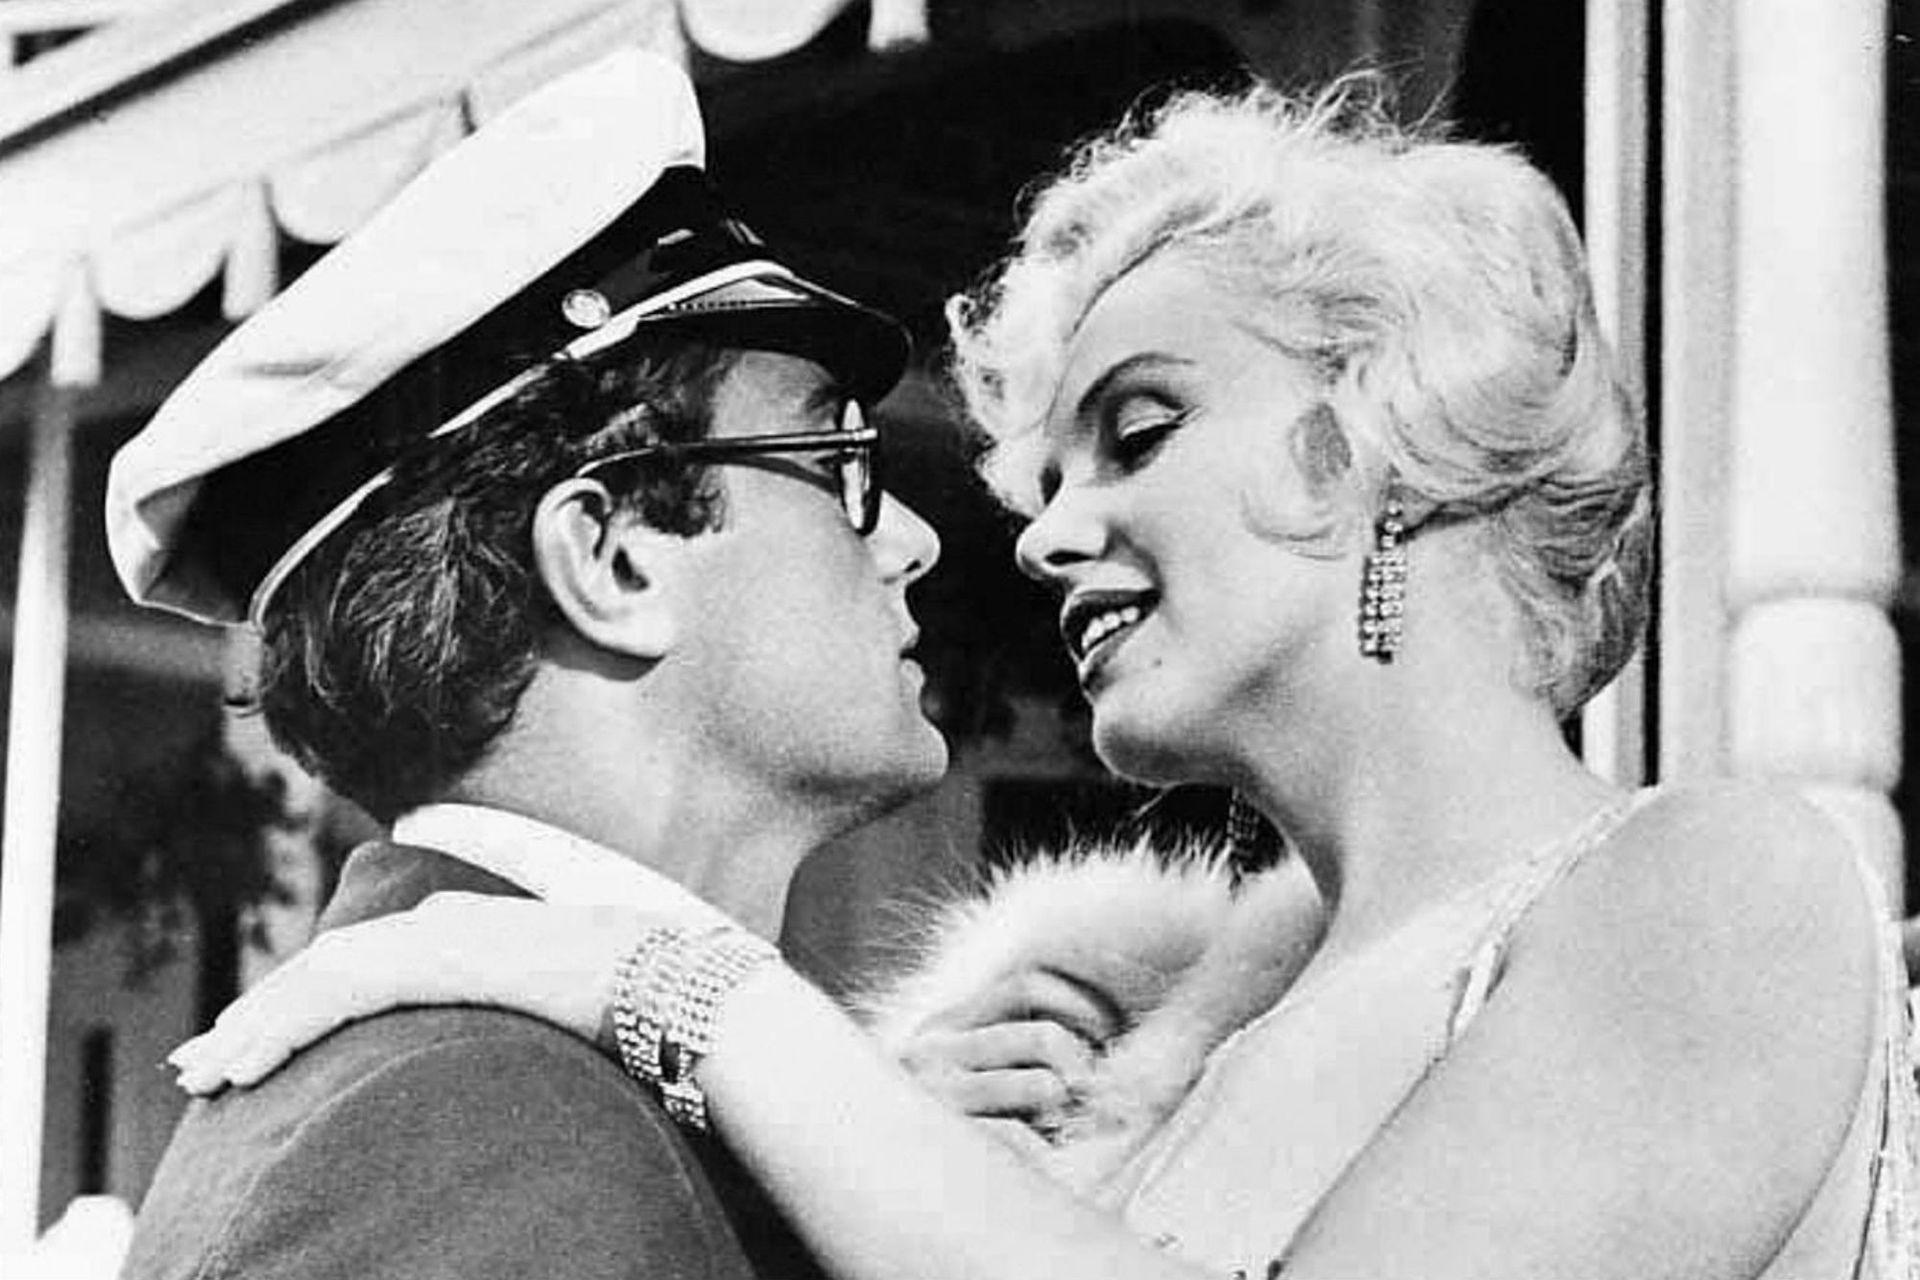 Tony Curtis y Marilyn Monroe en Una Eva y dos Adanes, película en la que no pudieron trabajar en armonía